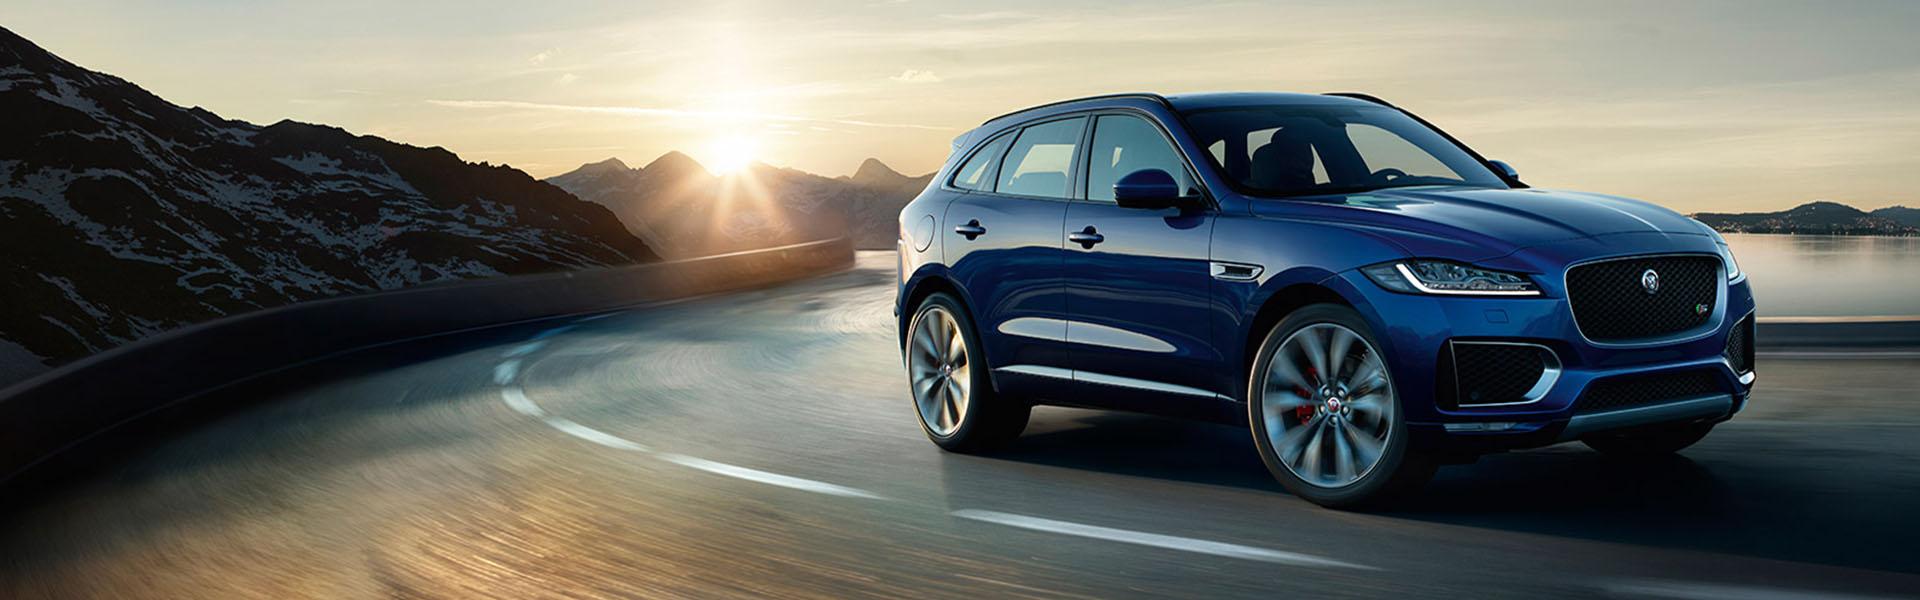 Promoción 10.000 Jaguar